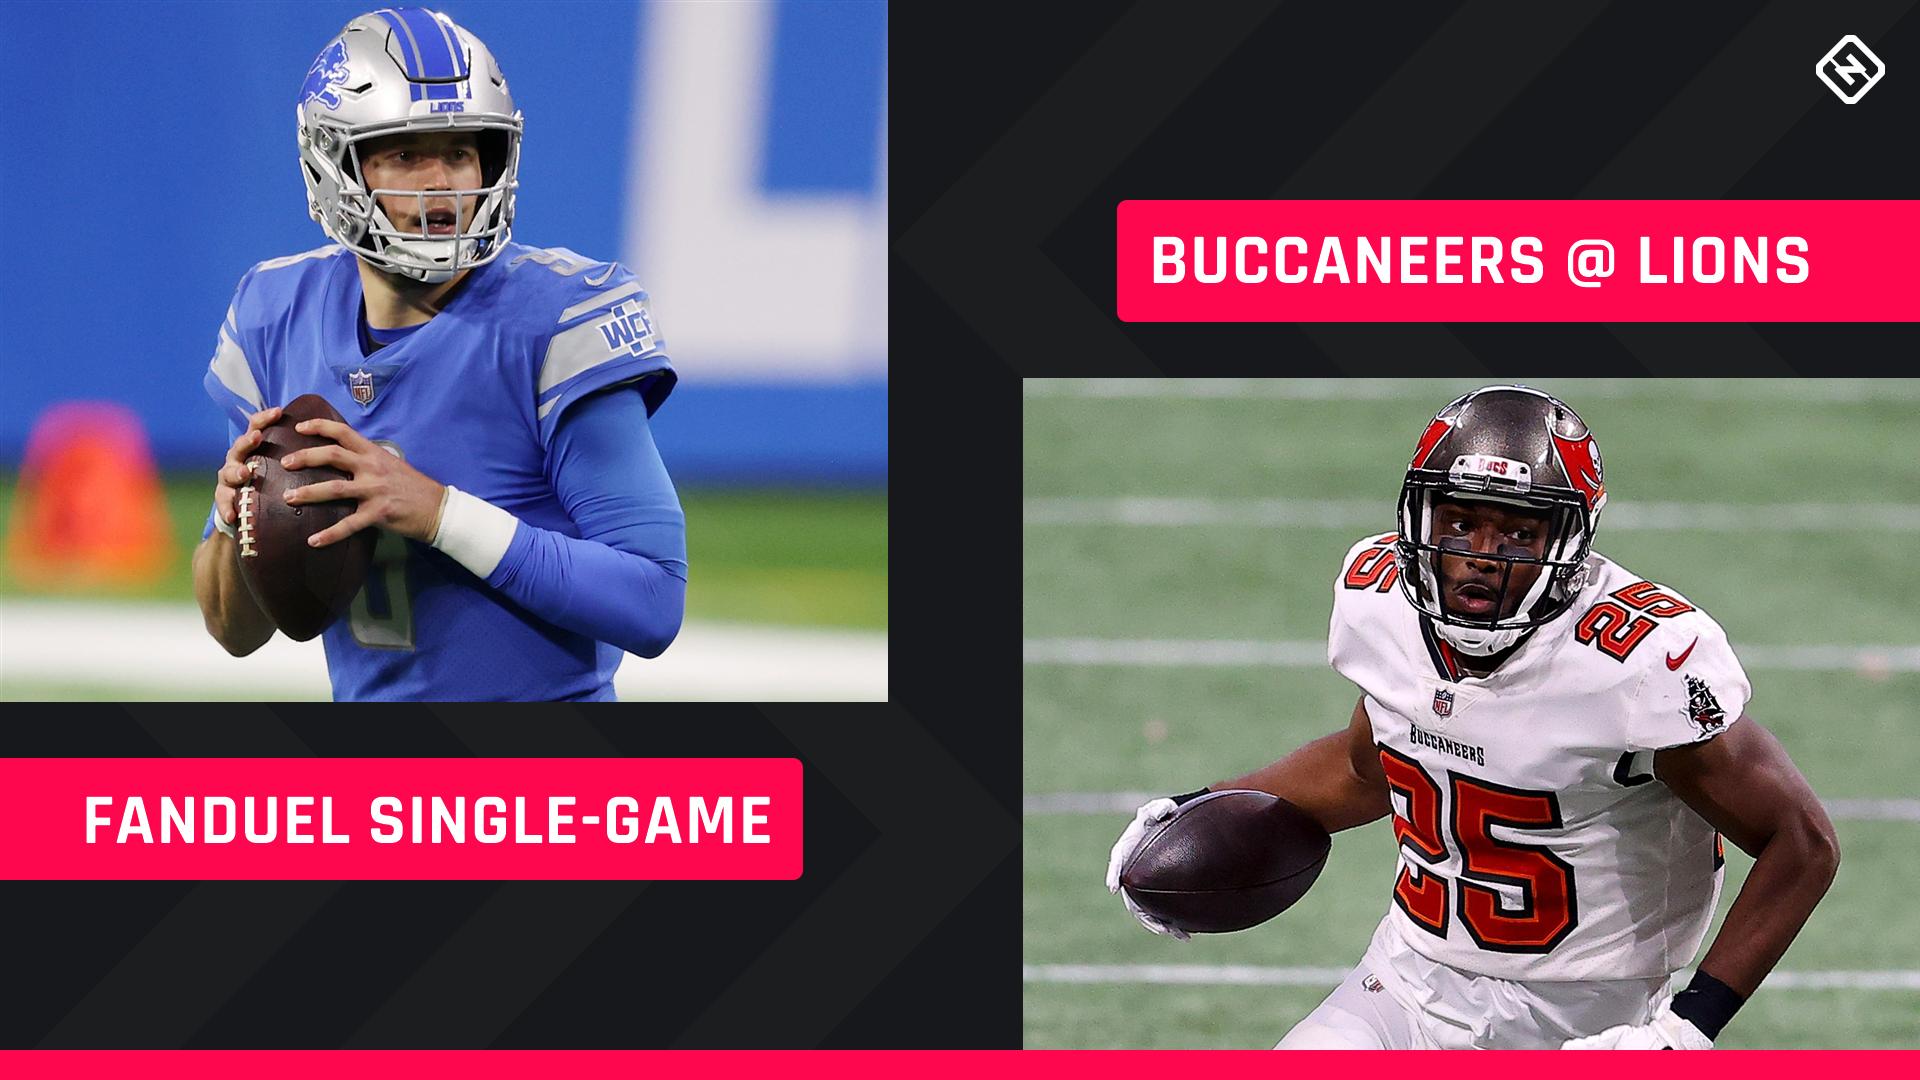 Escolhas FanDuel aos sábados: conselhos sobre a escalação da NFL DFS para os torneios de jogo único da Semana 16 dos Buccaneers-Lions